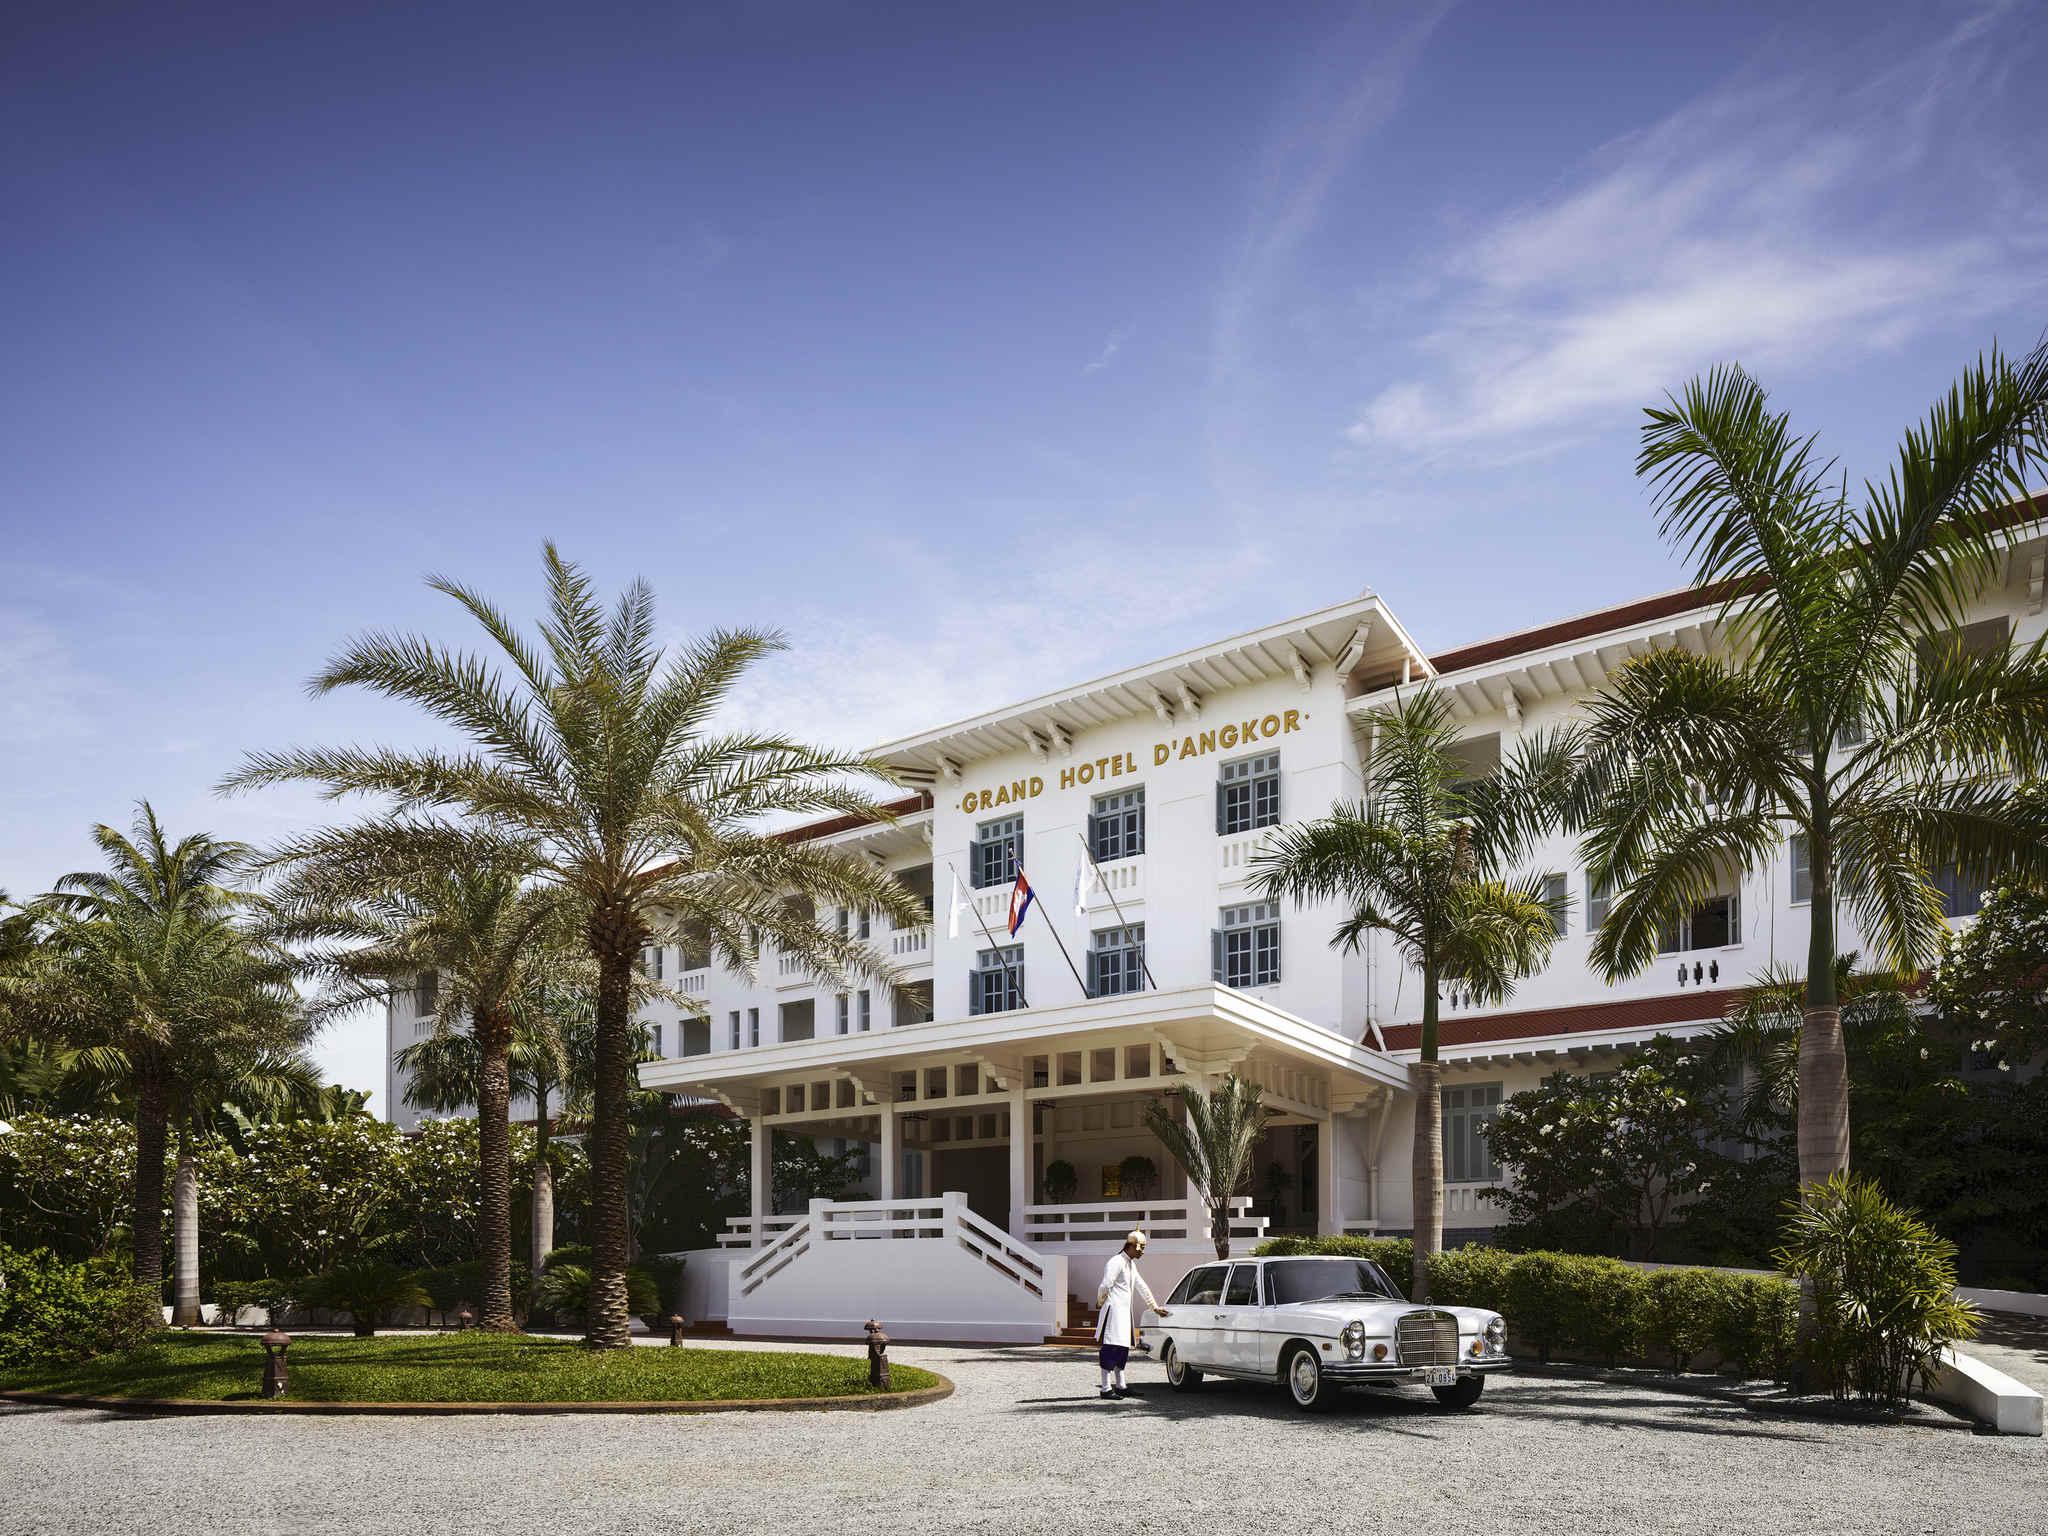 Otel – Raffles Grand Hotel d'Angkor